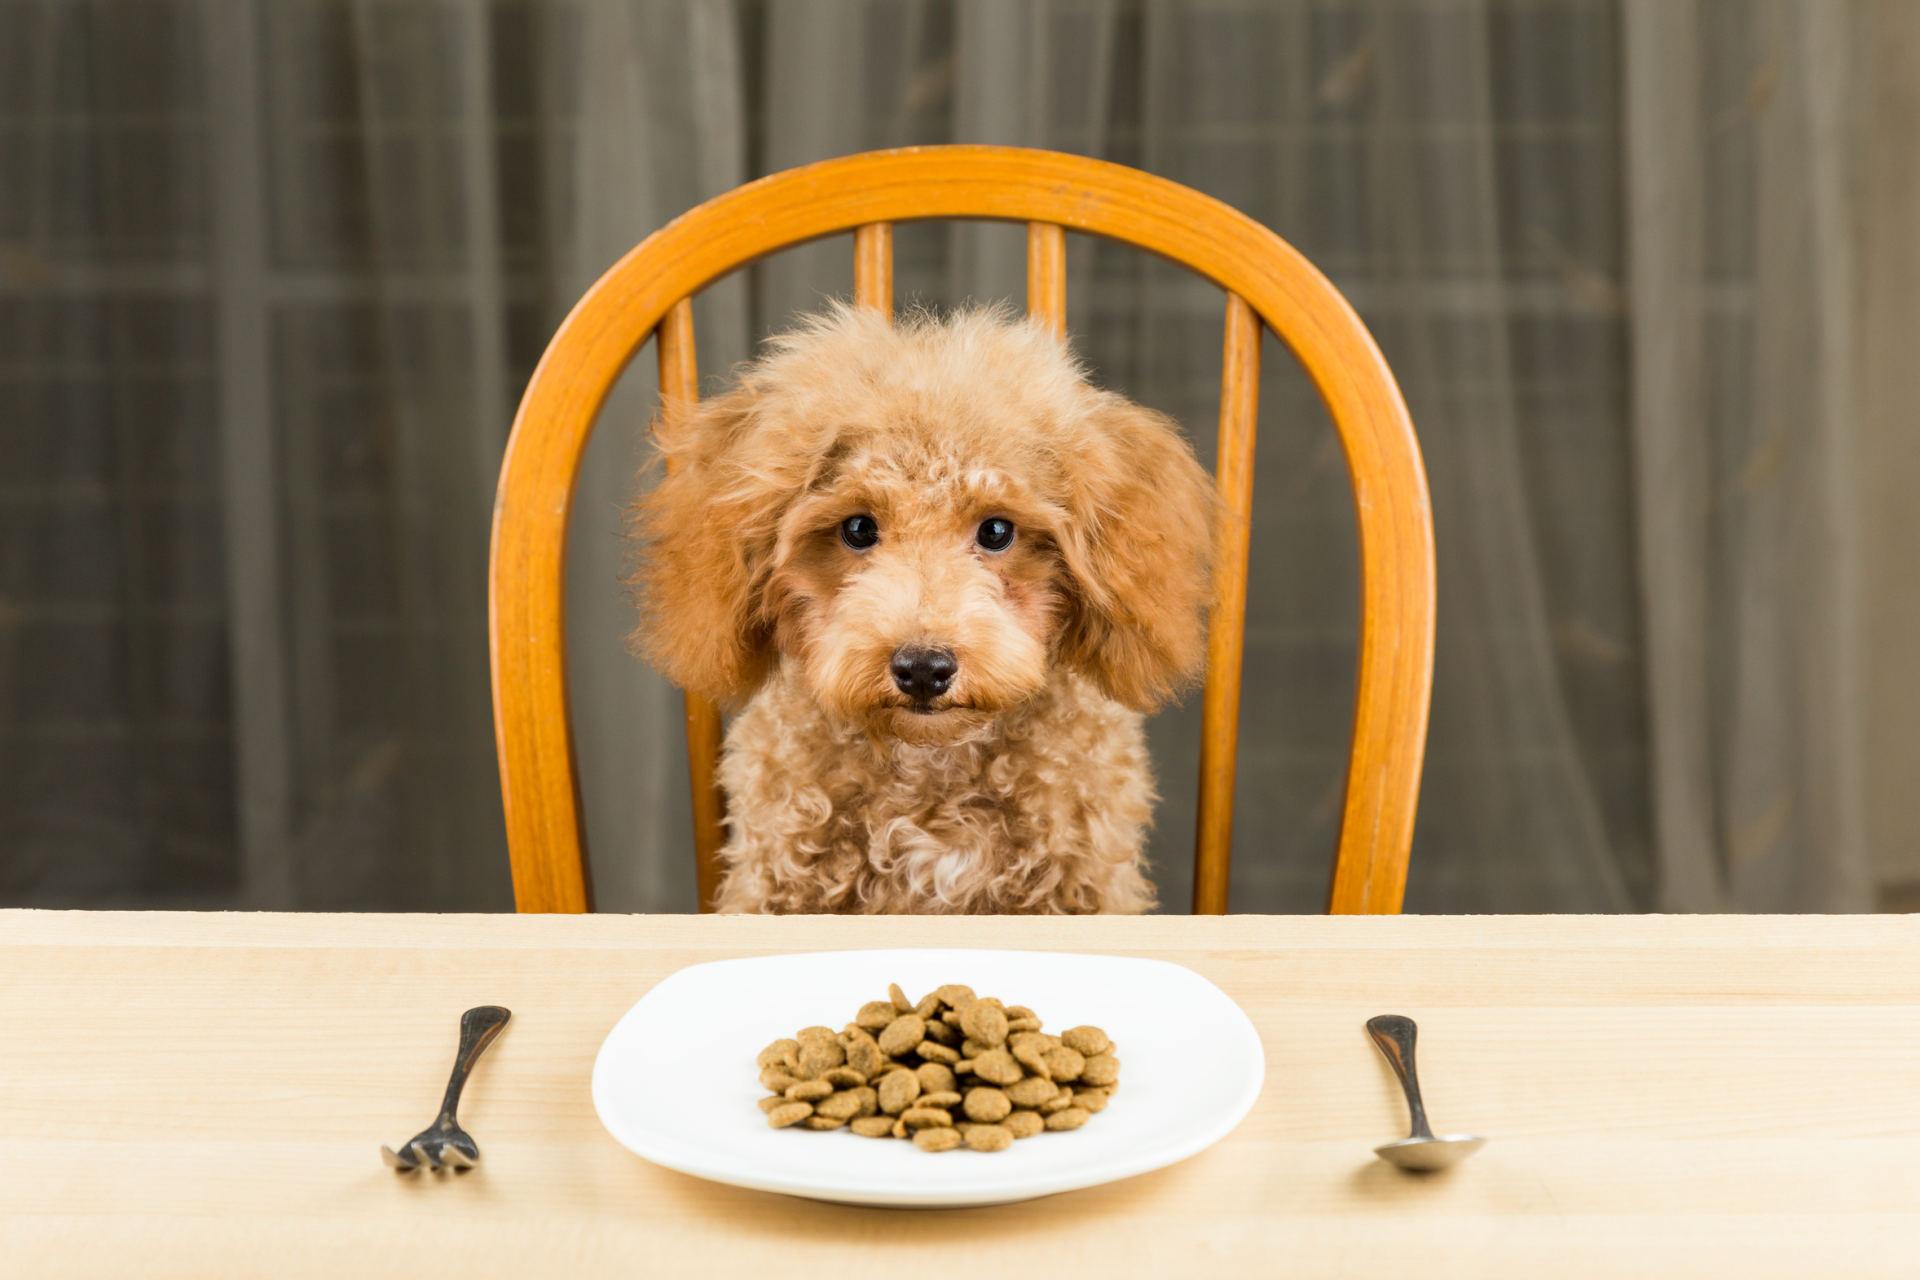 širdies sveikatos dieta šunims